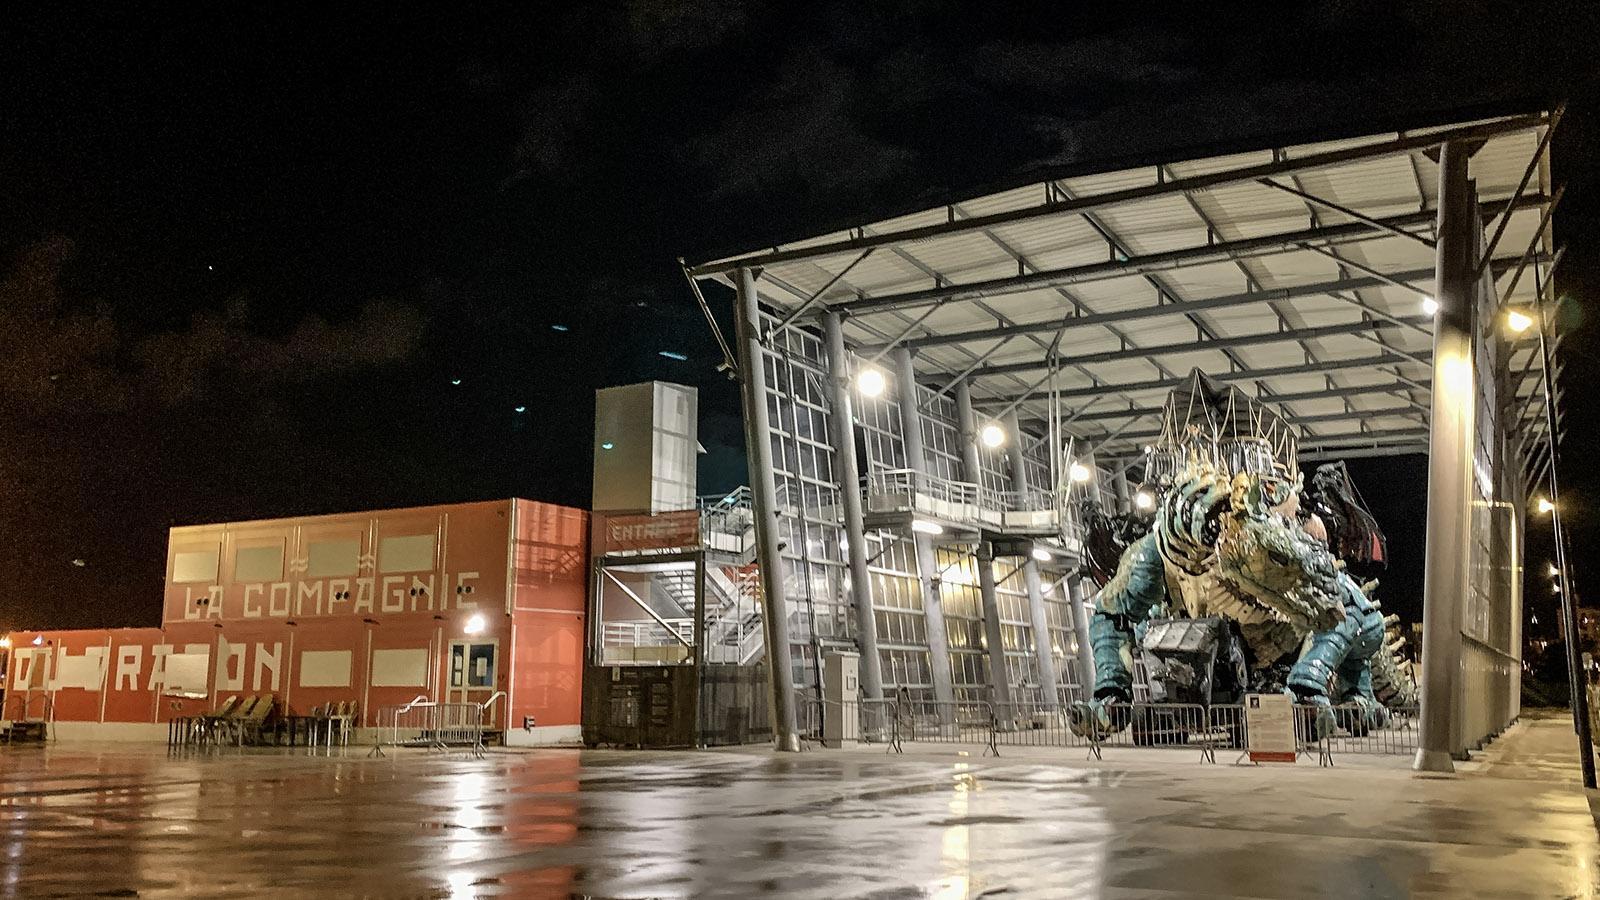 La Compagnie du Dragon de Calais. Foto: Hilke Maunder